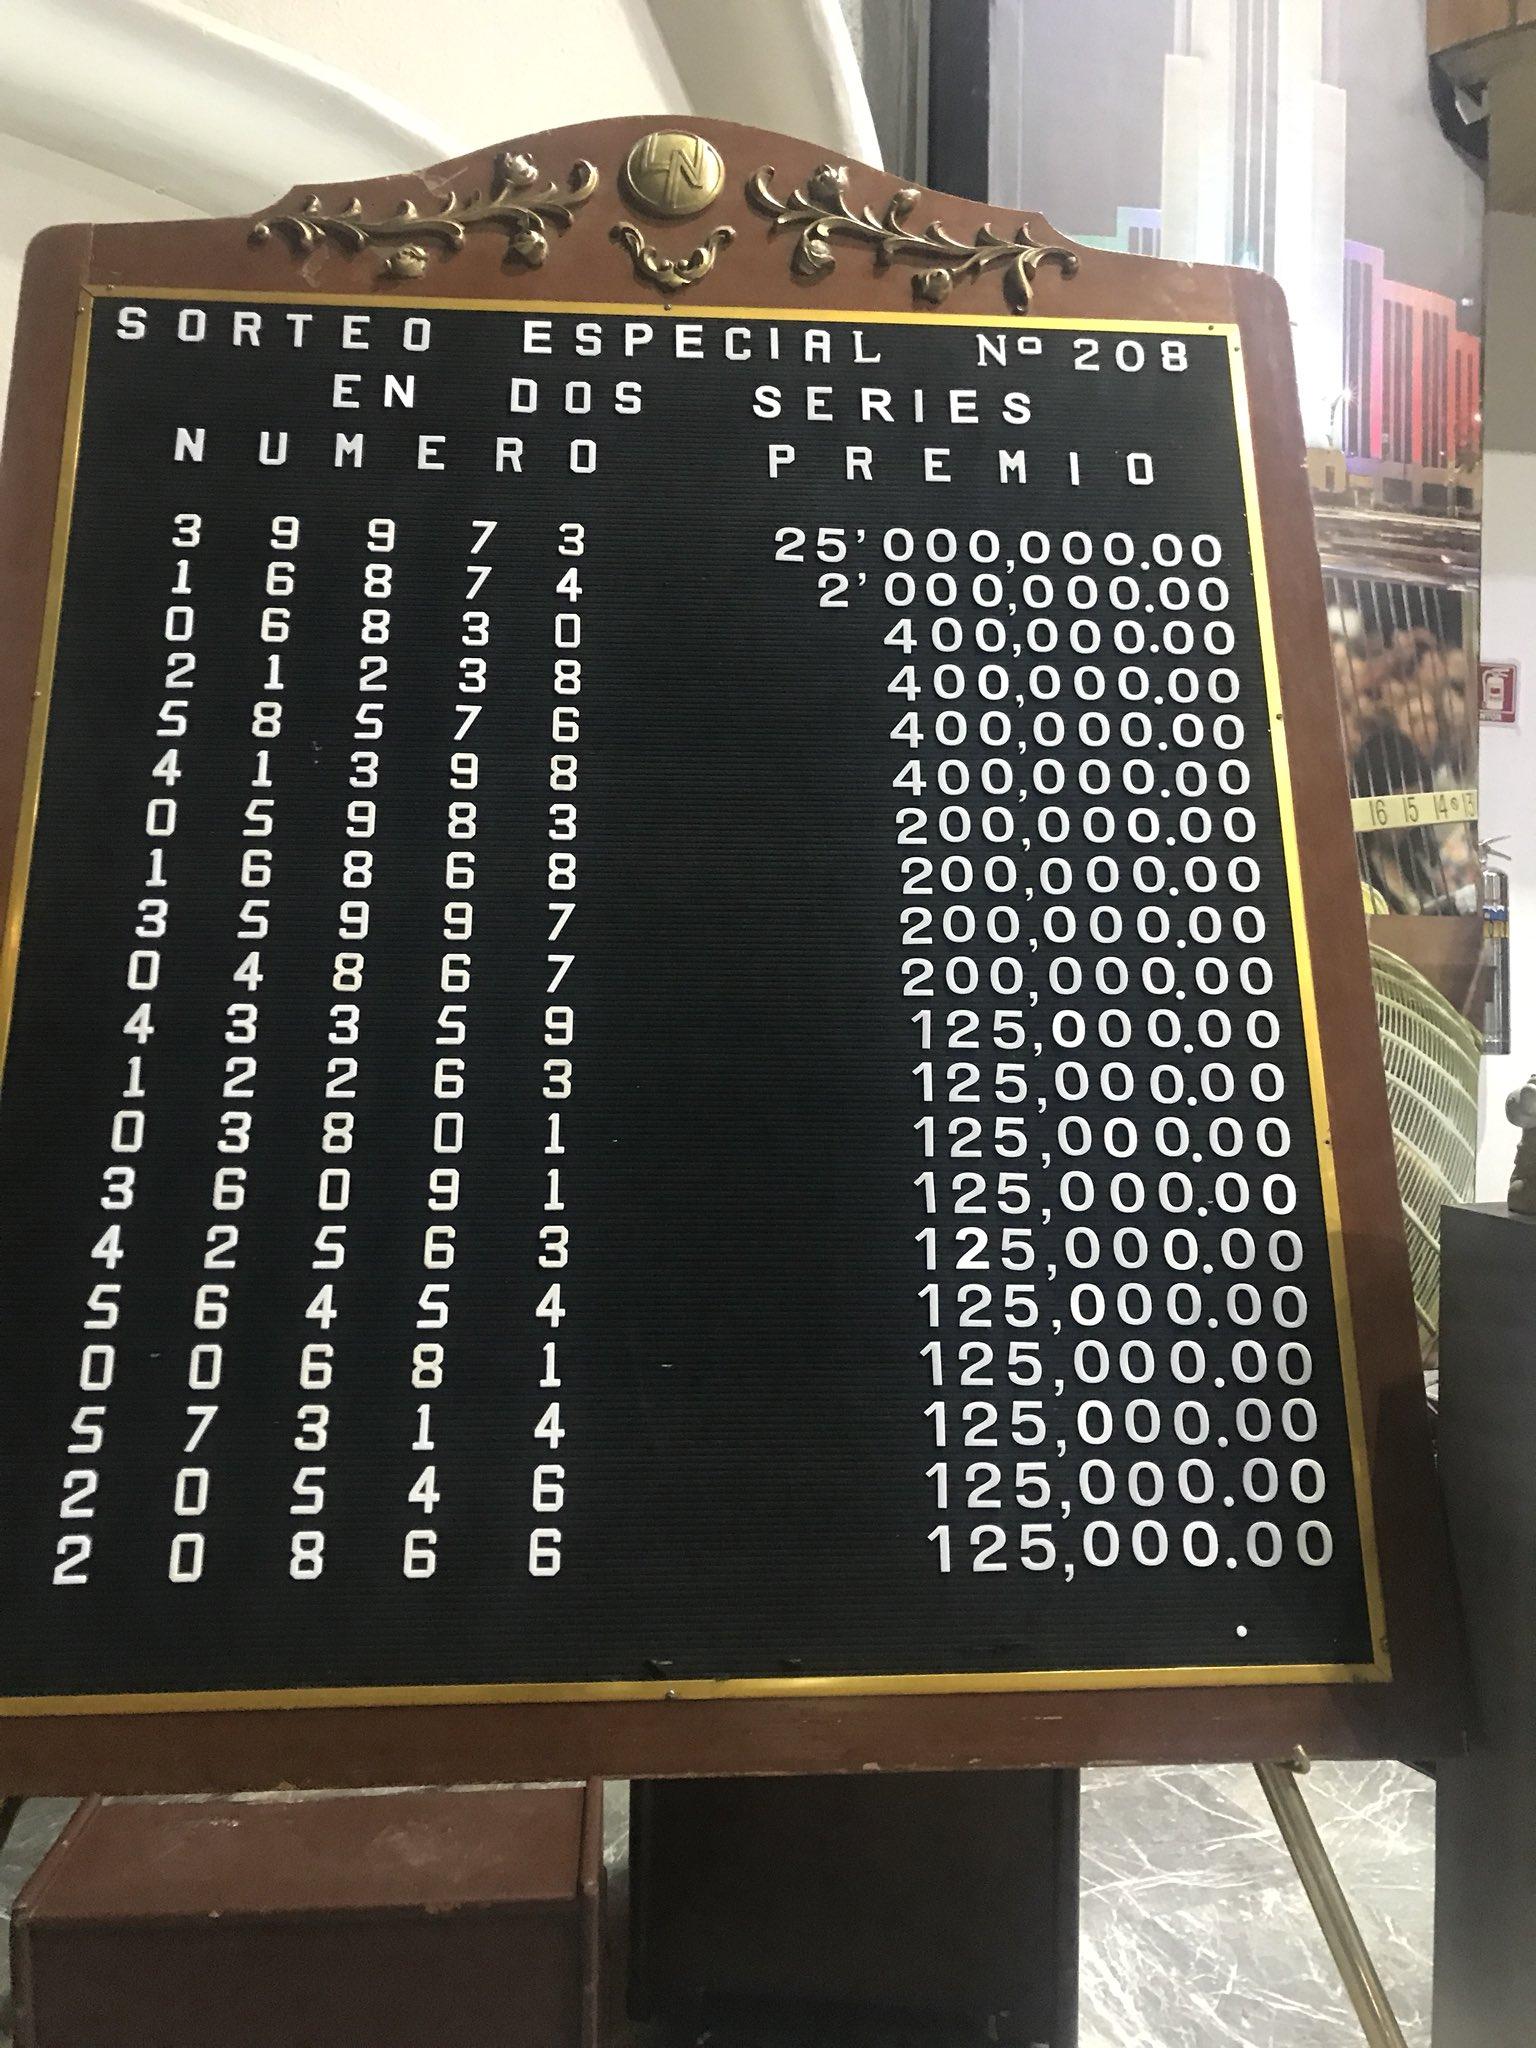 Resultados sorteo especial 208